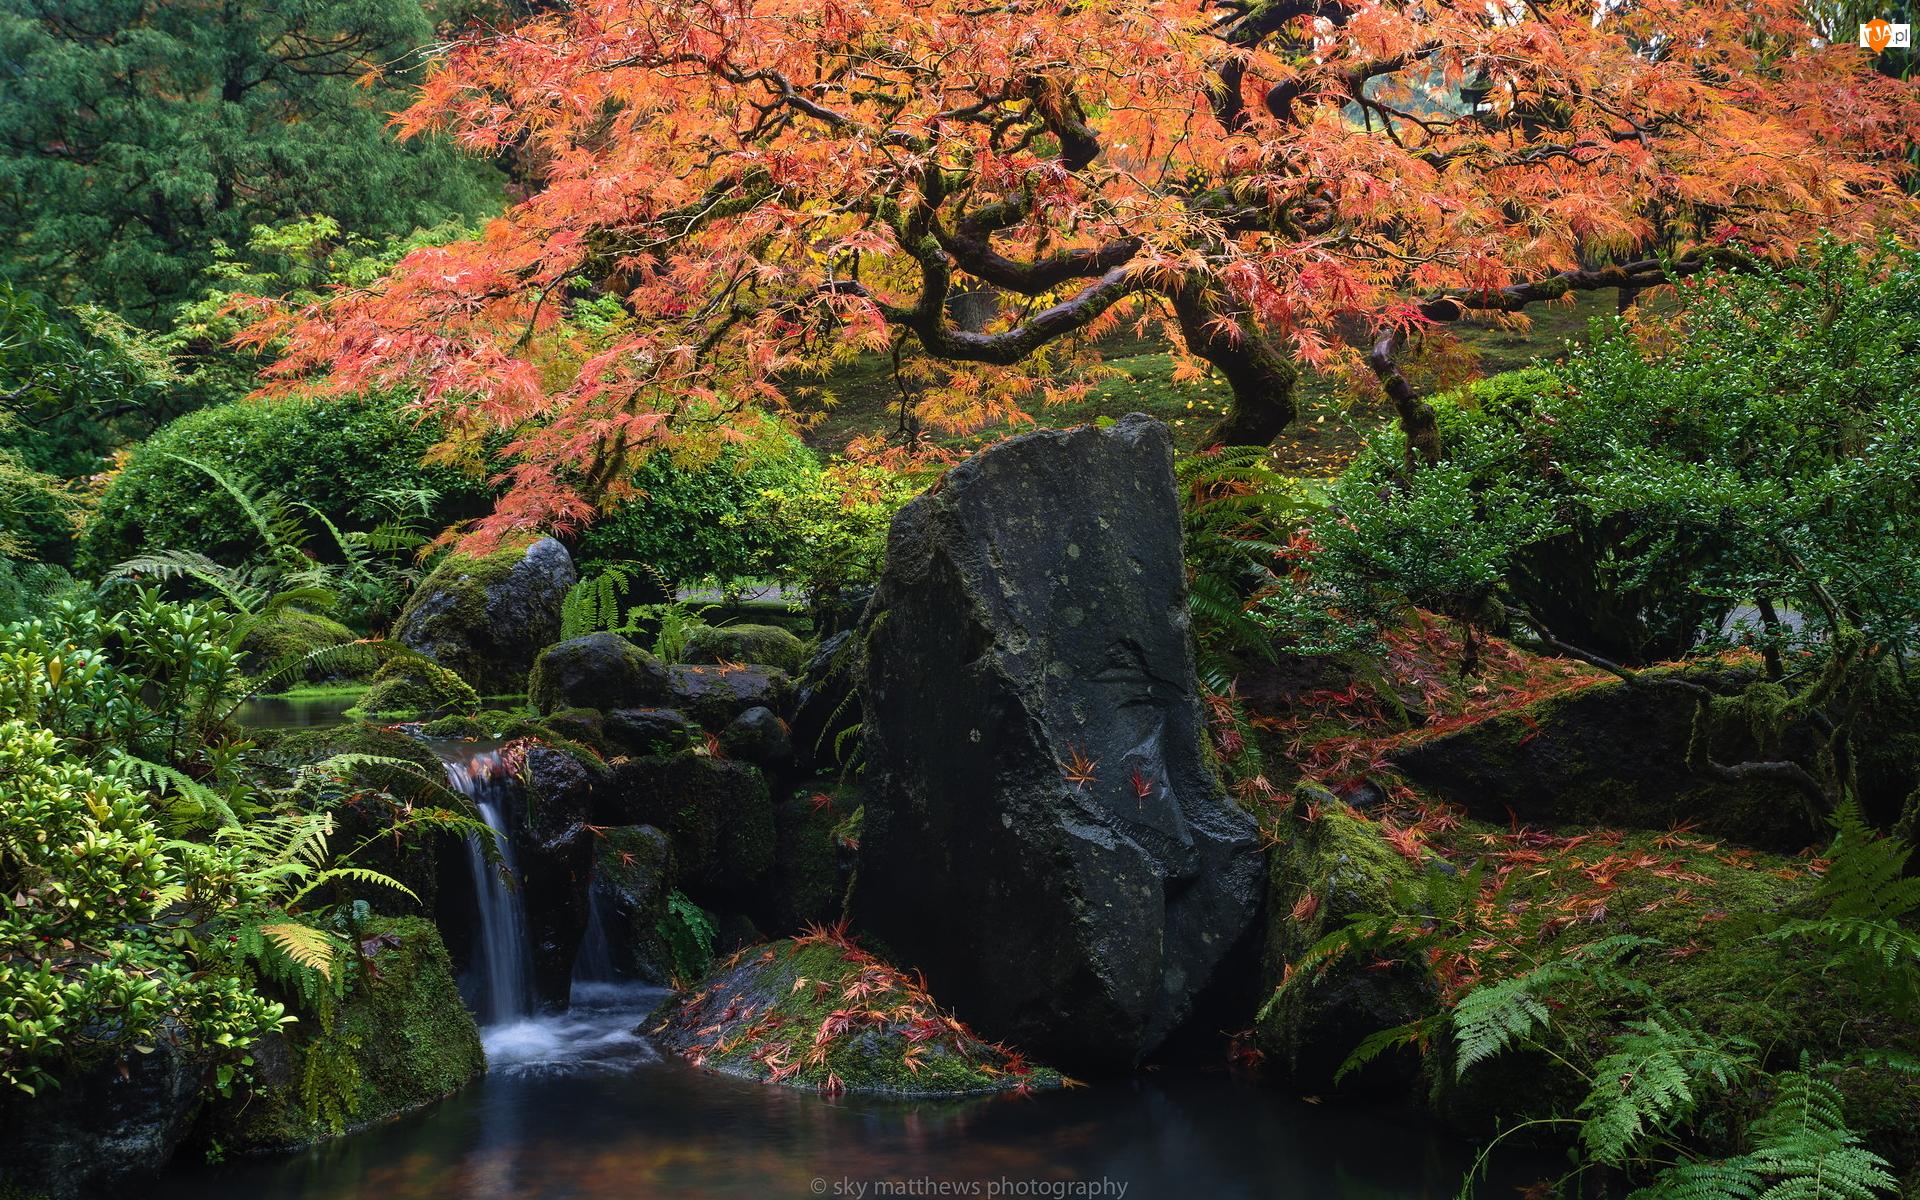 Park Waszyngtona, Ogród japoński, Paprocie, Drzewa, Stan Oregon, Kaskada, Jesień, Stany Zjednoczone, Klon palmowy, Portland, Kamienie